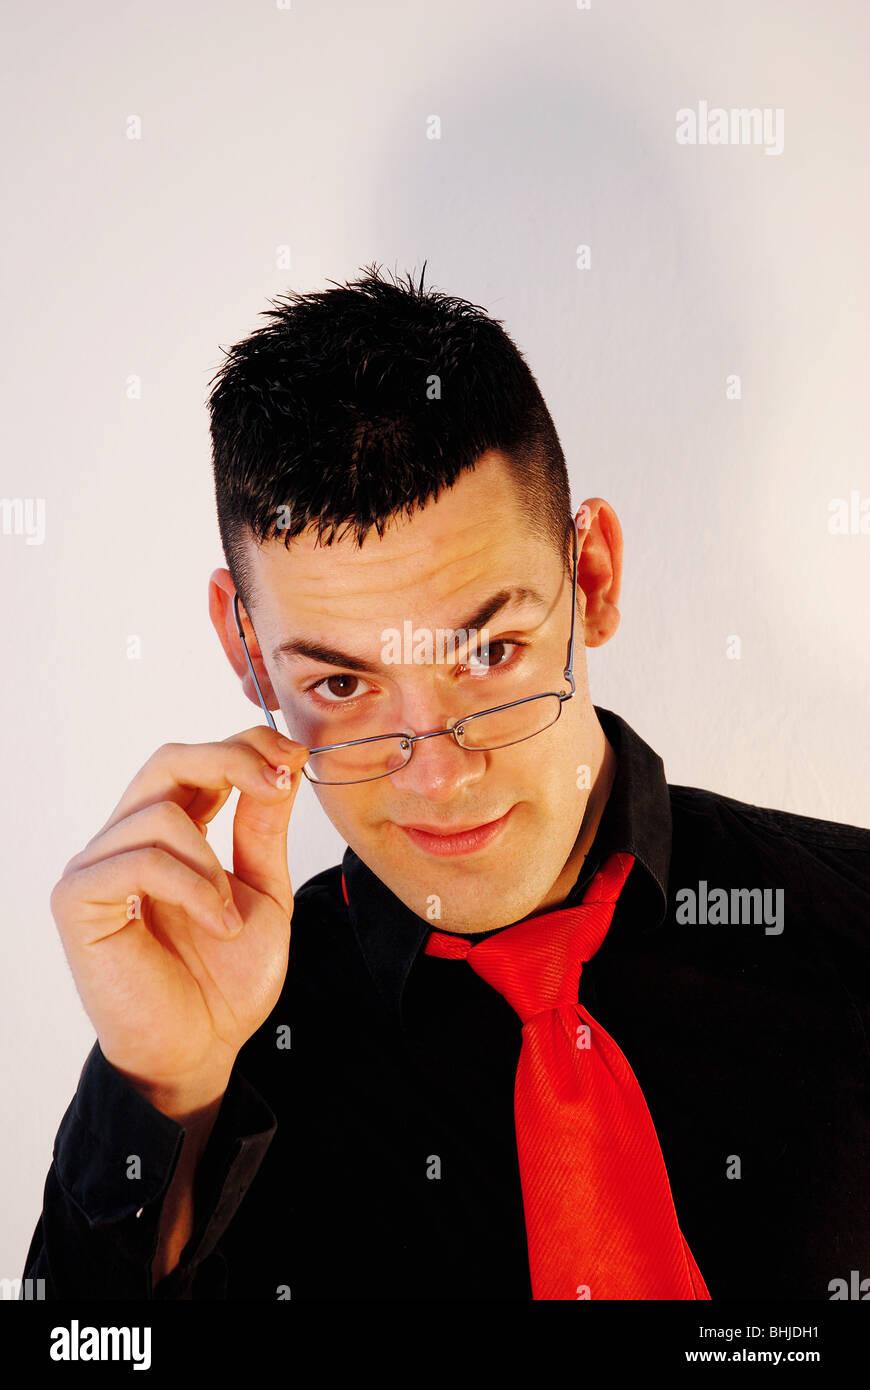 Joven de llevar gafas, sonriendo y mirando a la cámara. Imagen De Stock